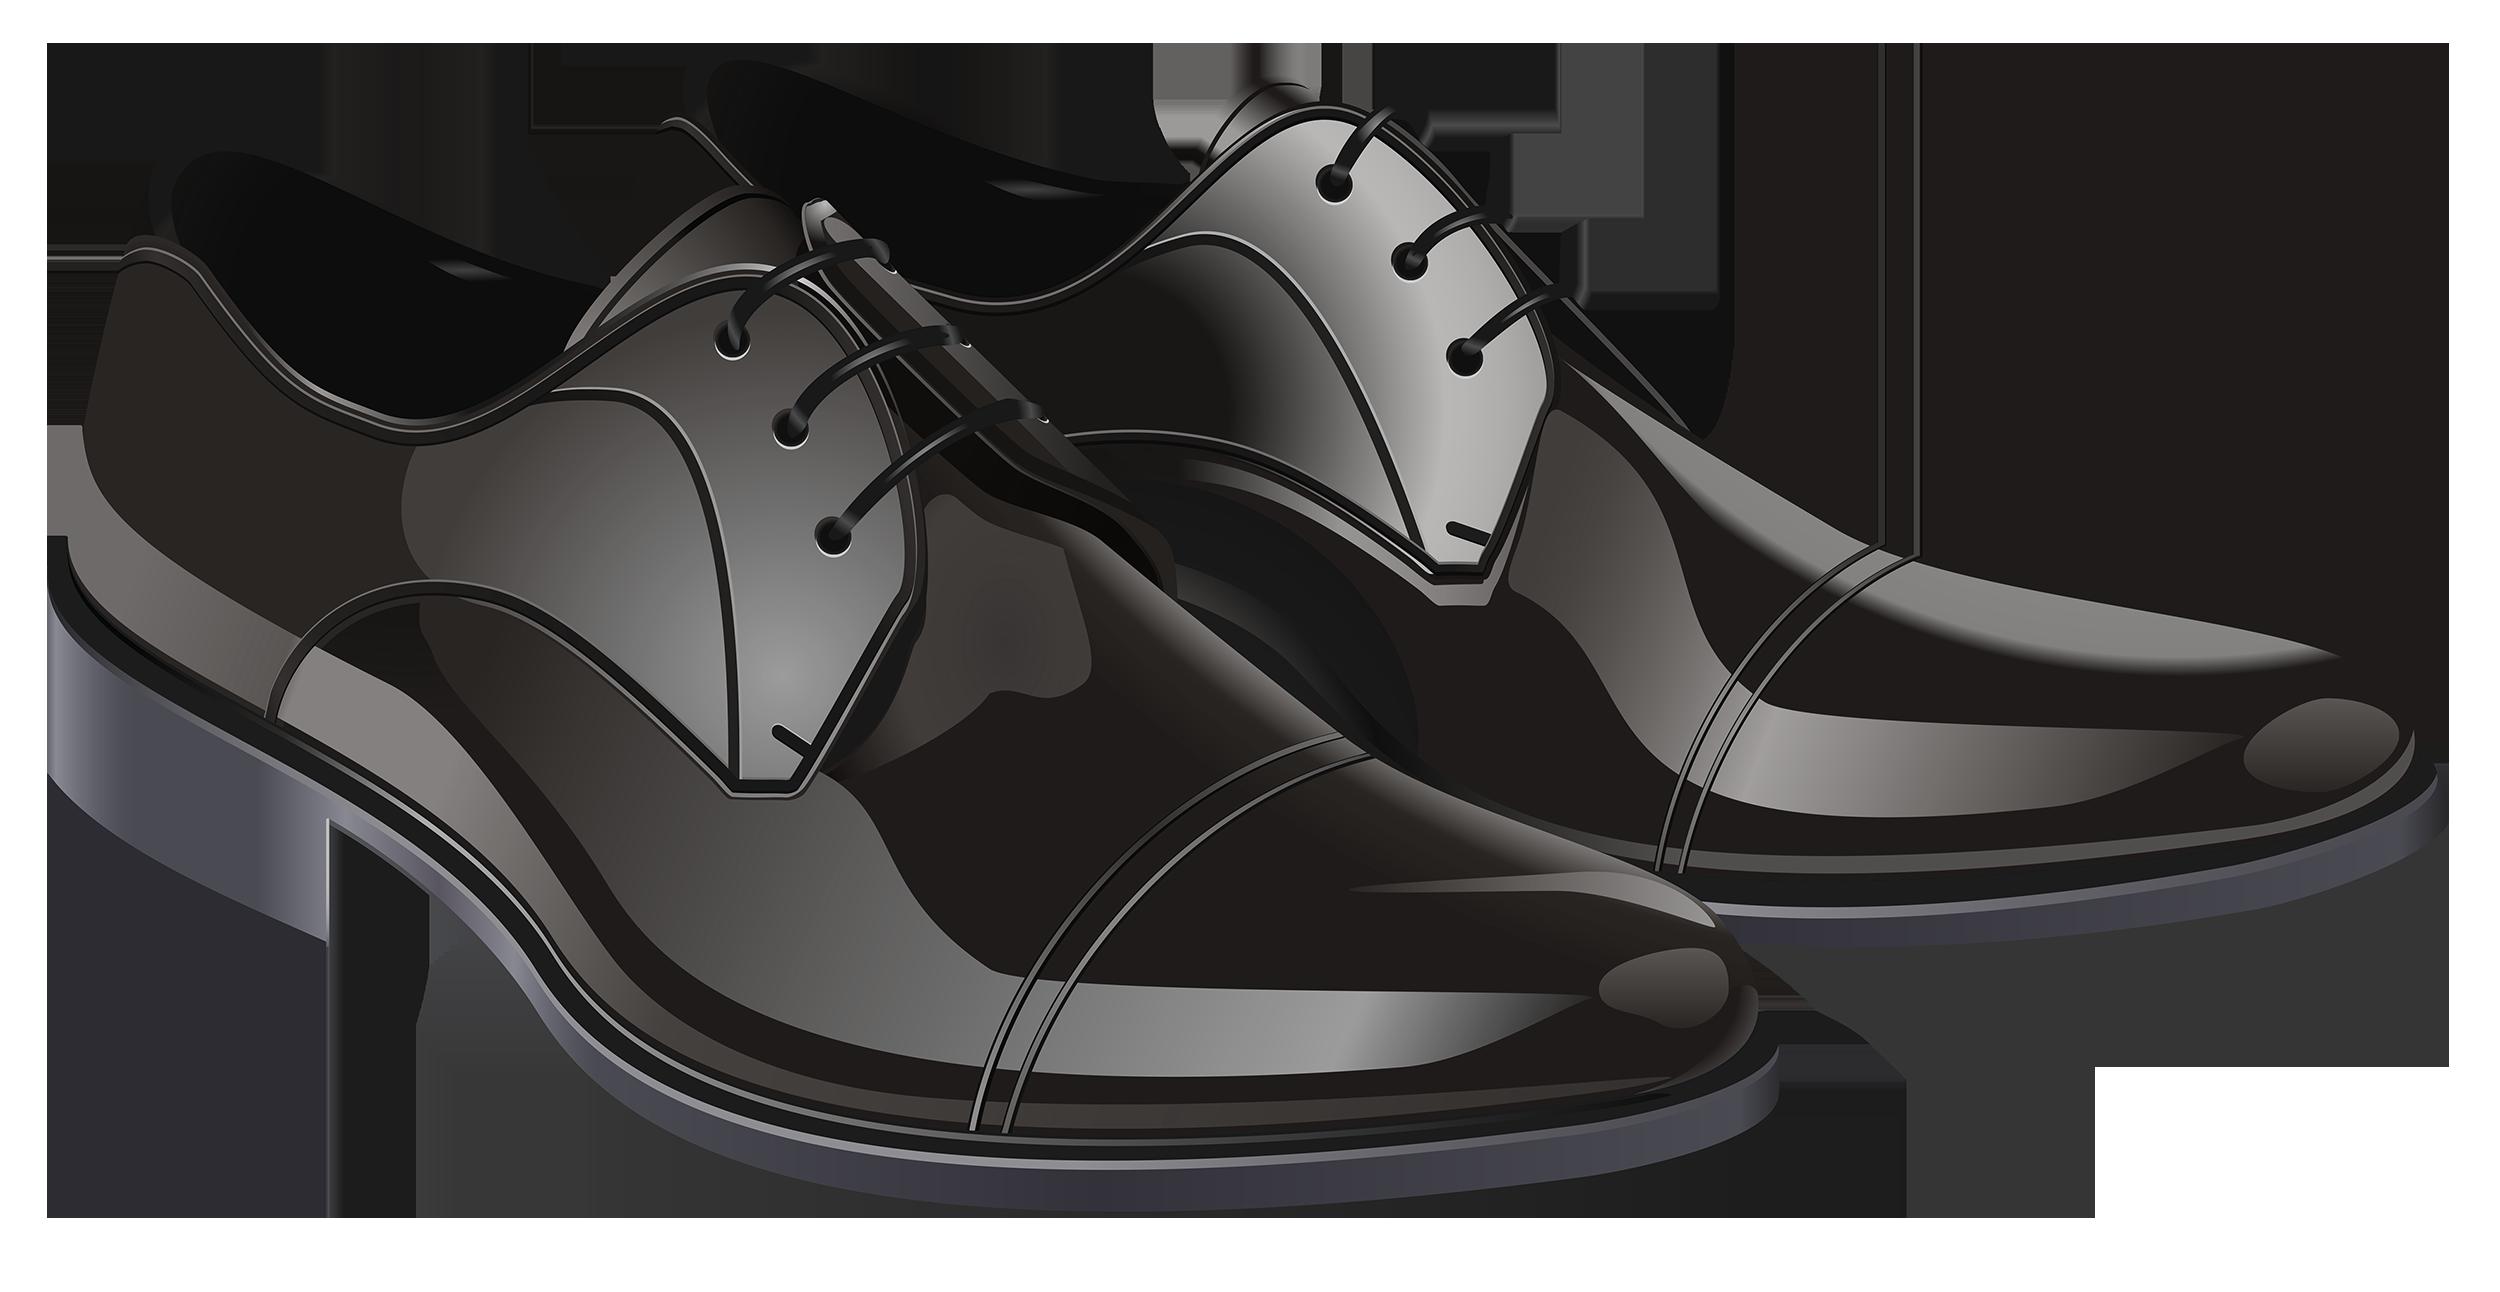 Black shoes for men clipart